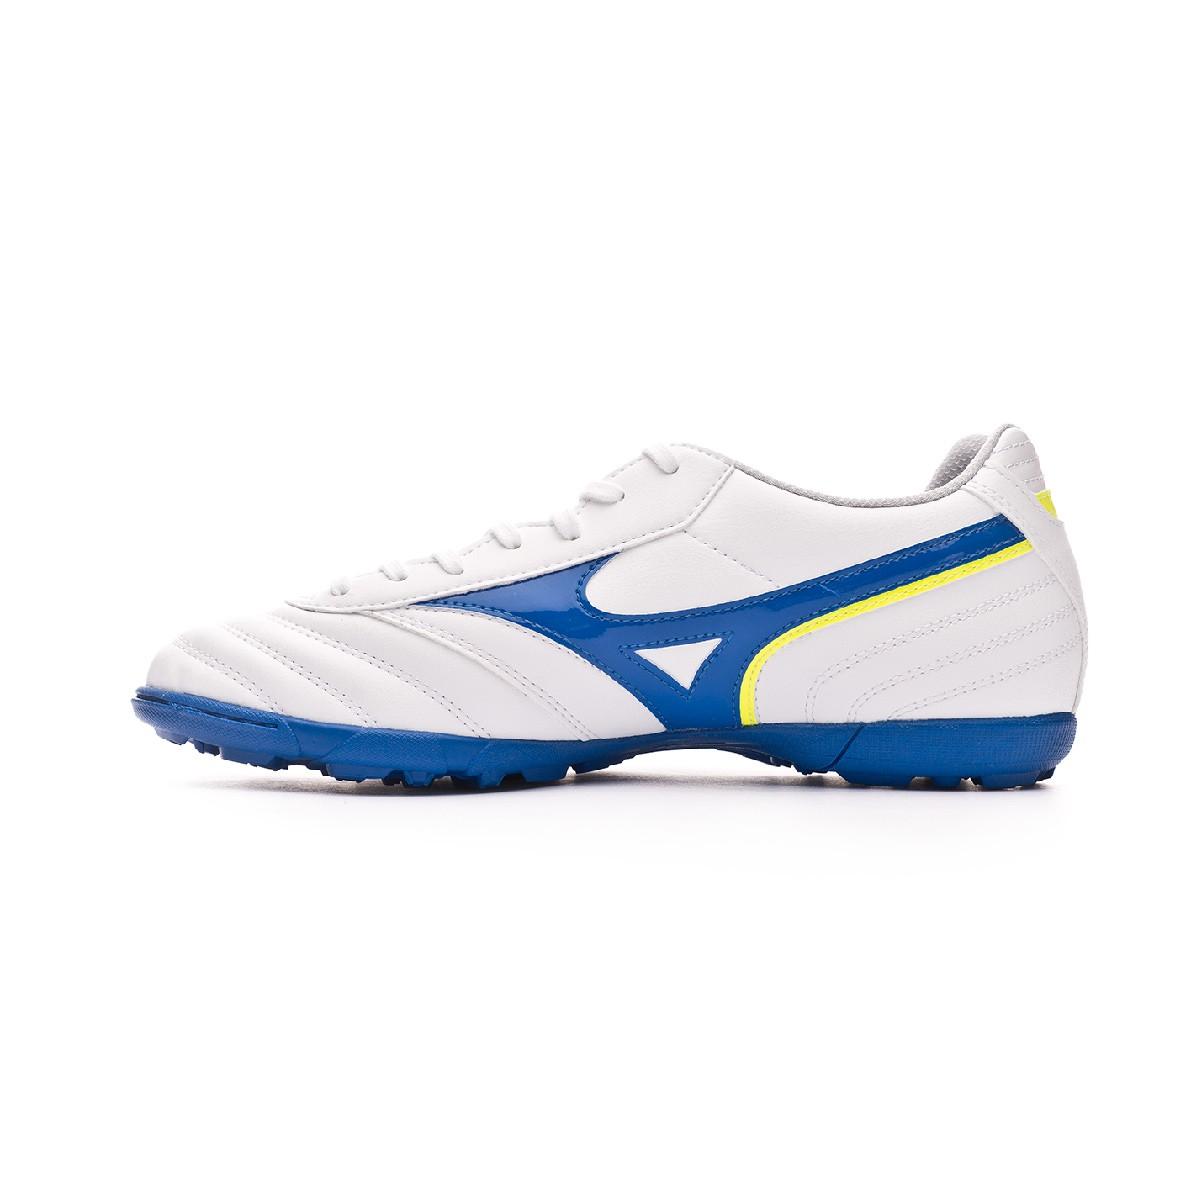 zapatillas mizuno hombre 2019 xl white